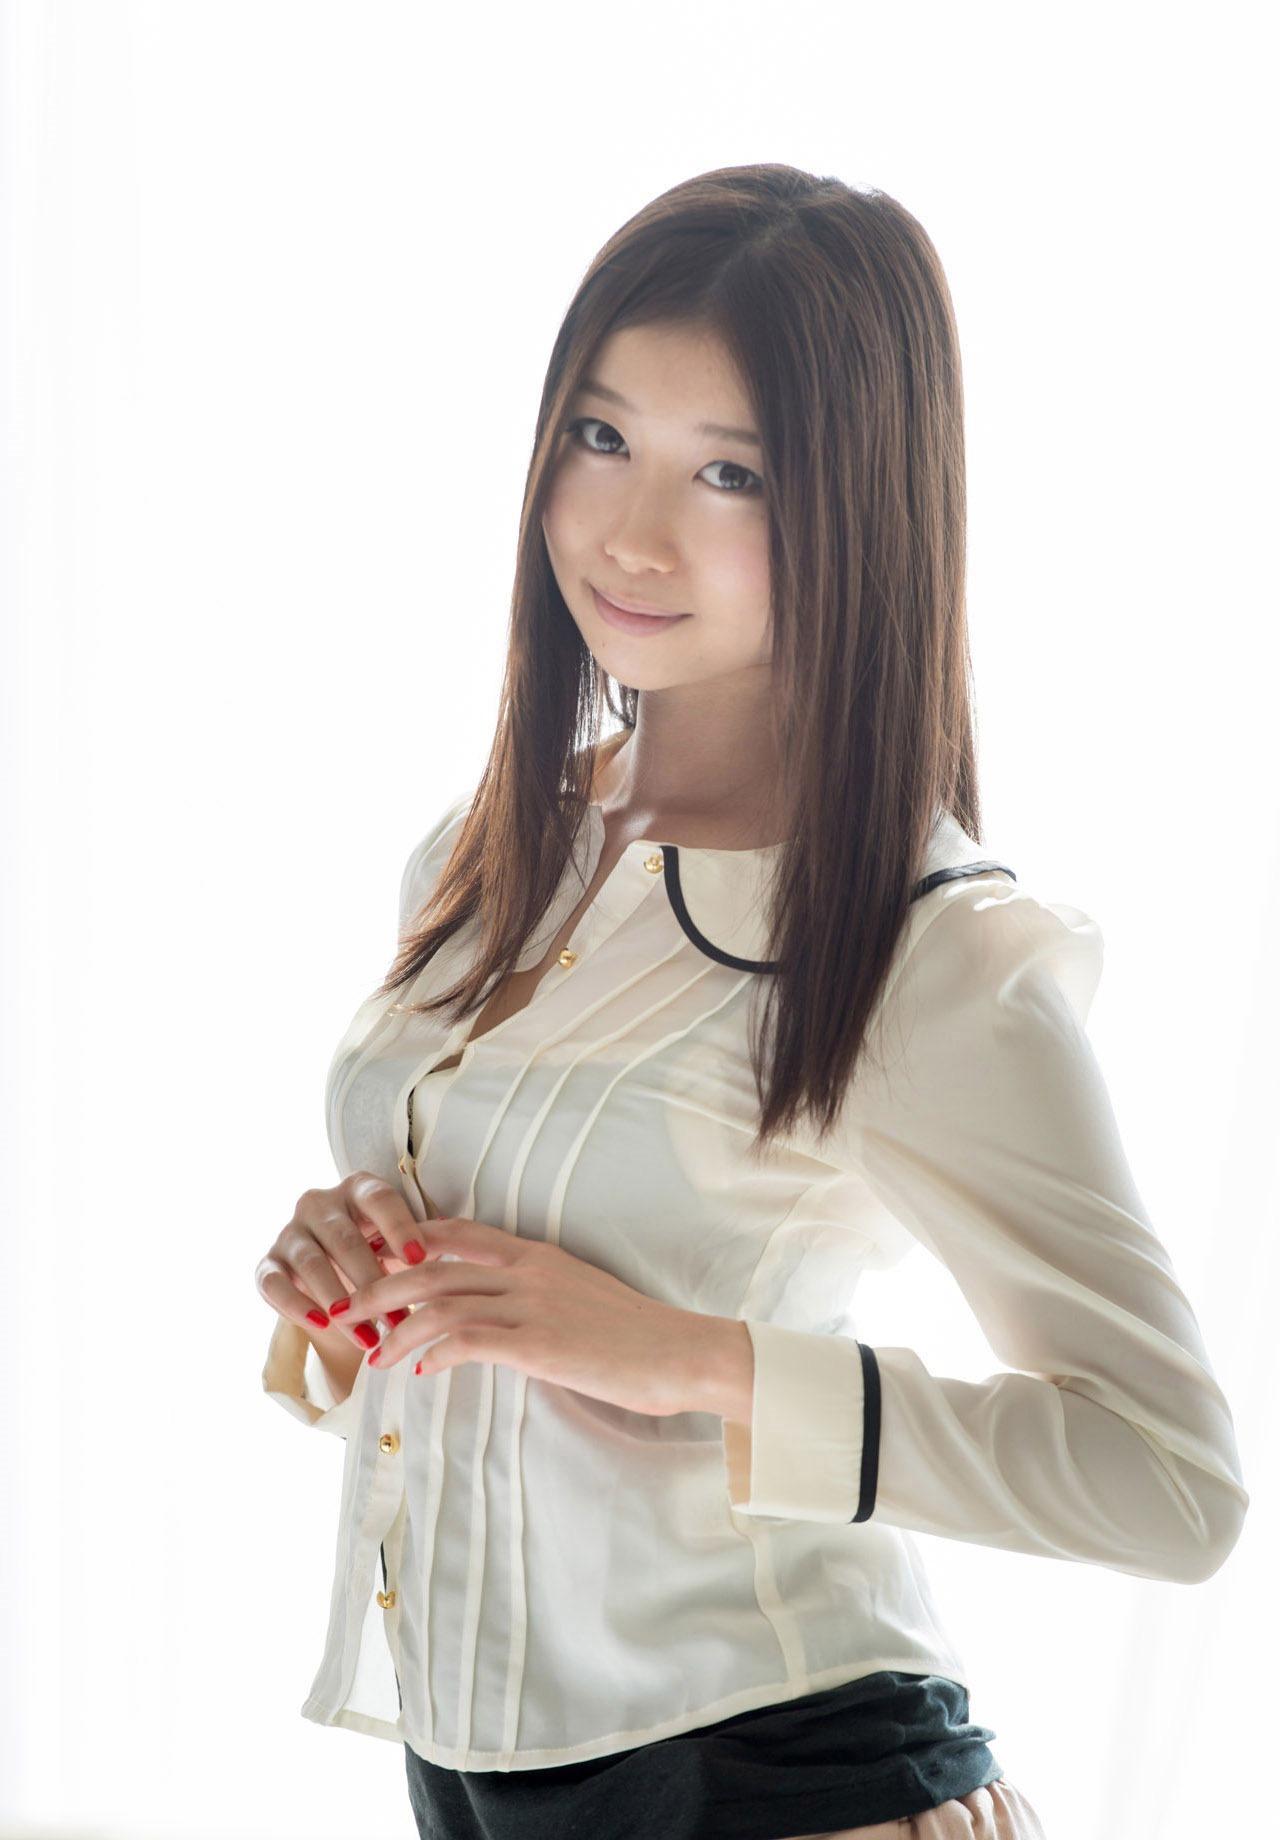 稲川なつめ 闇金ウシジマくんに出演したAV女優特集 PART-Ⅻ   エロ畫像 PinkLine